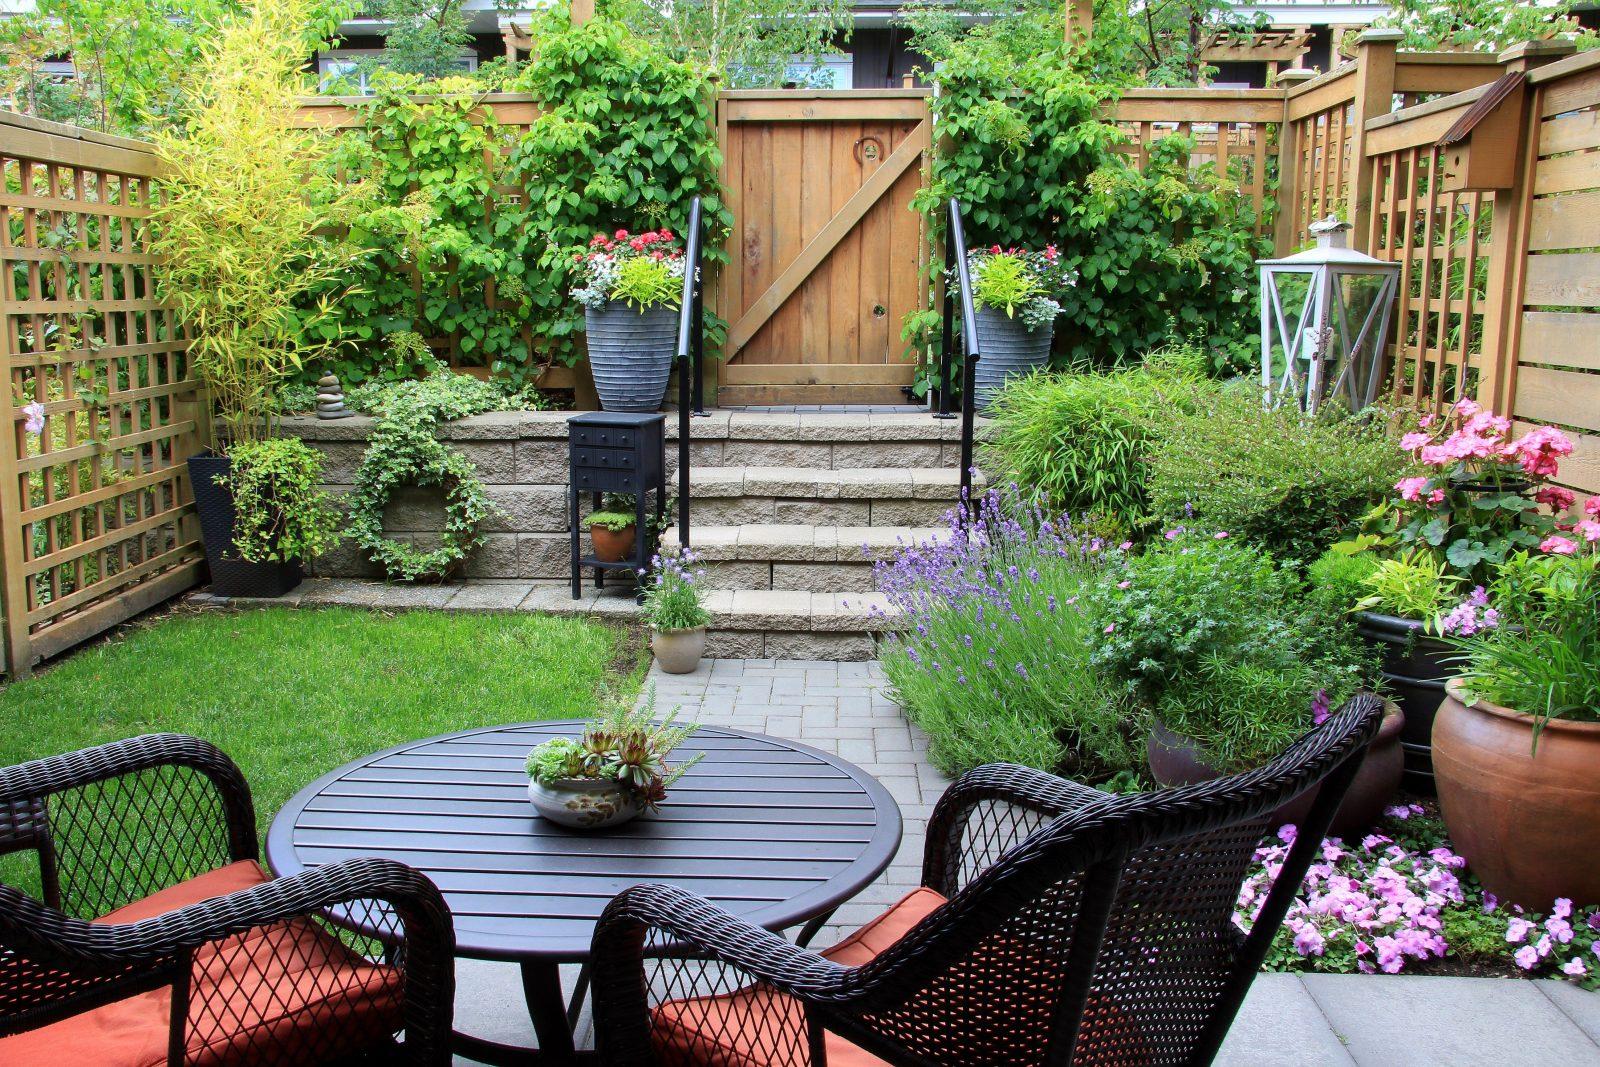 Kleine Terrasse Gestalten – Ideen Planung Und Tipps & Tricks von Kleine Terrasse Gestalten Ideen Bild